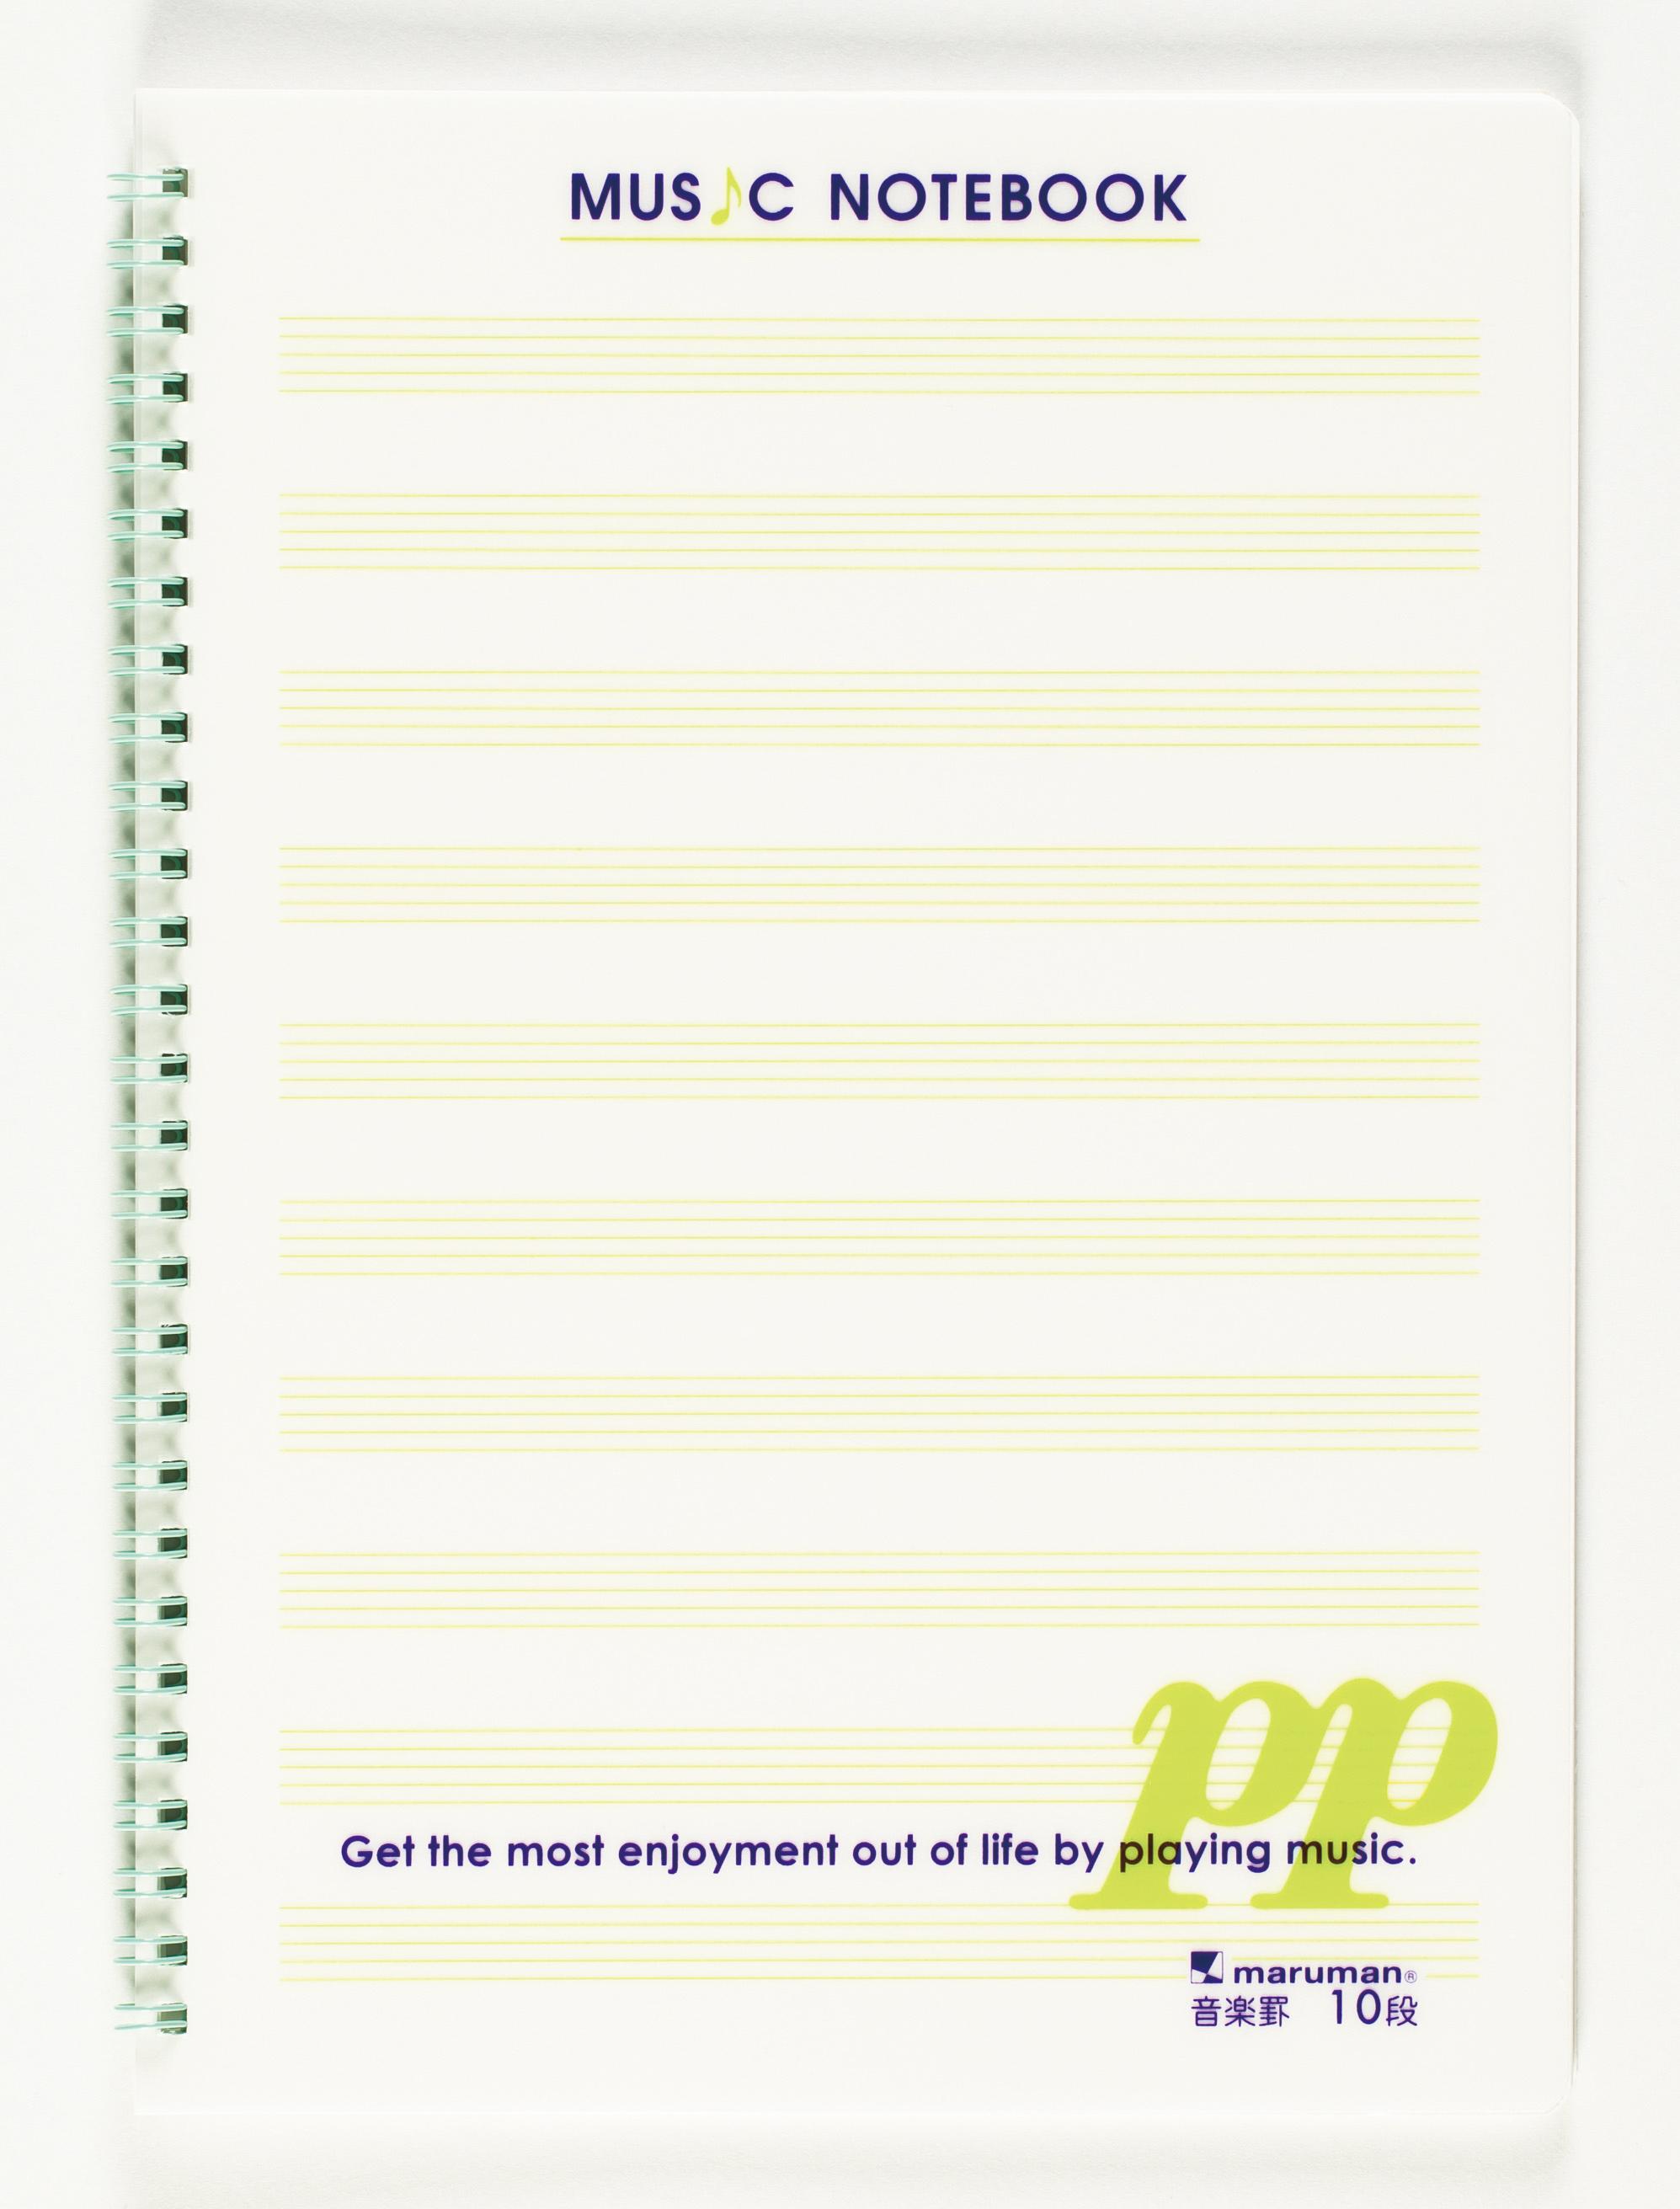 音楽帳 10段 ※お取り寄せ商品 引き出物 記念品 音楽雑貨 音符 ピアノモチーフ ト音記号 ピアノ雑貨